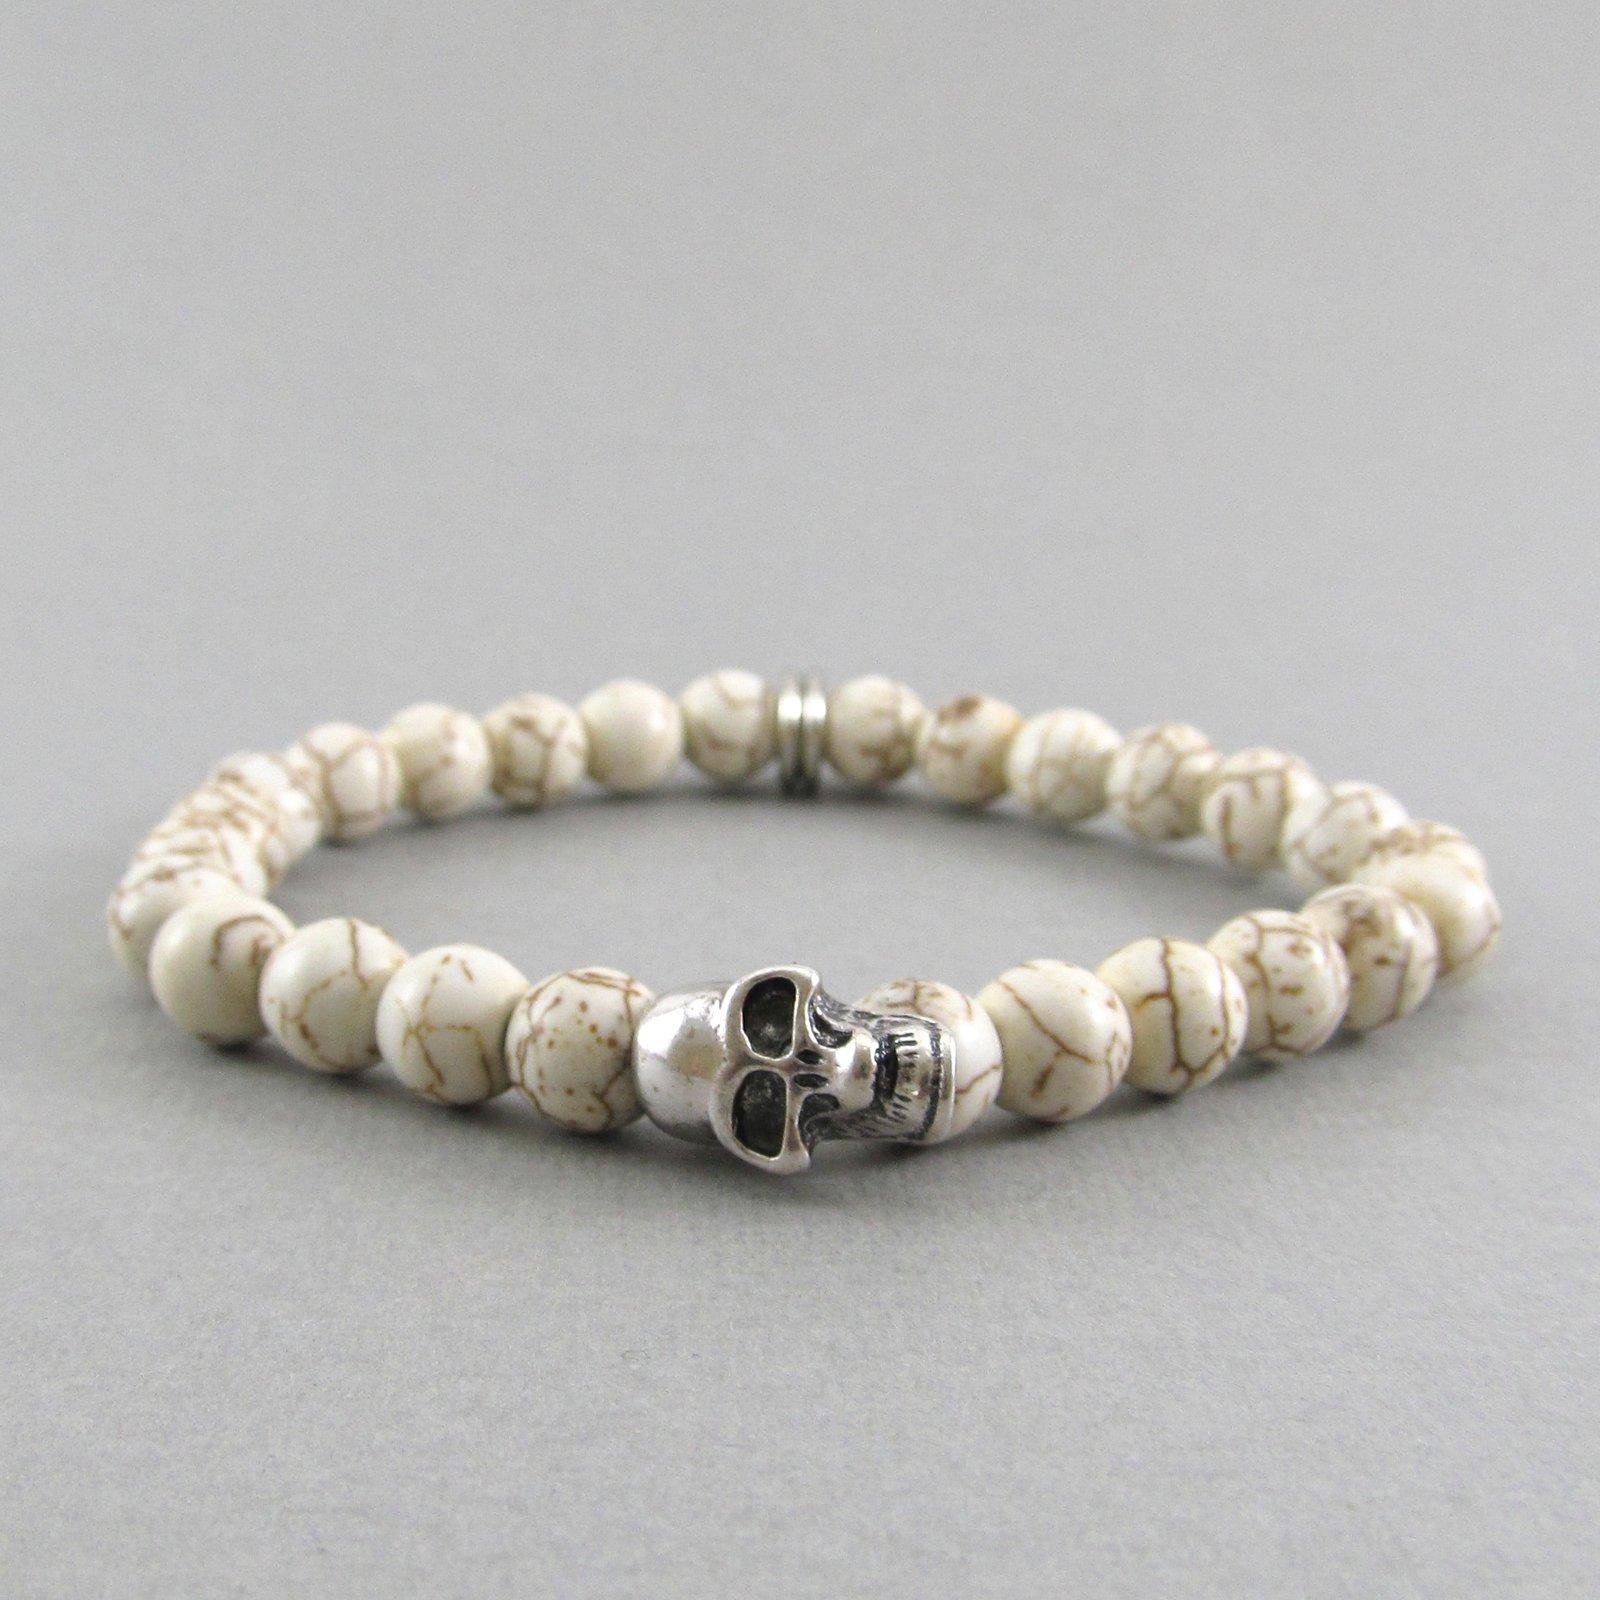 White Howlite And Skull Beaded Bracelet